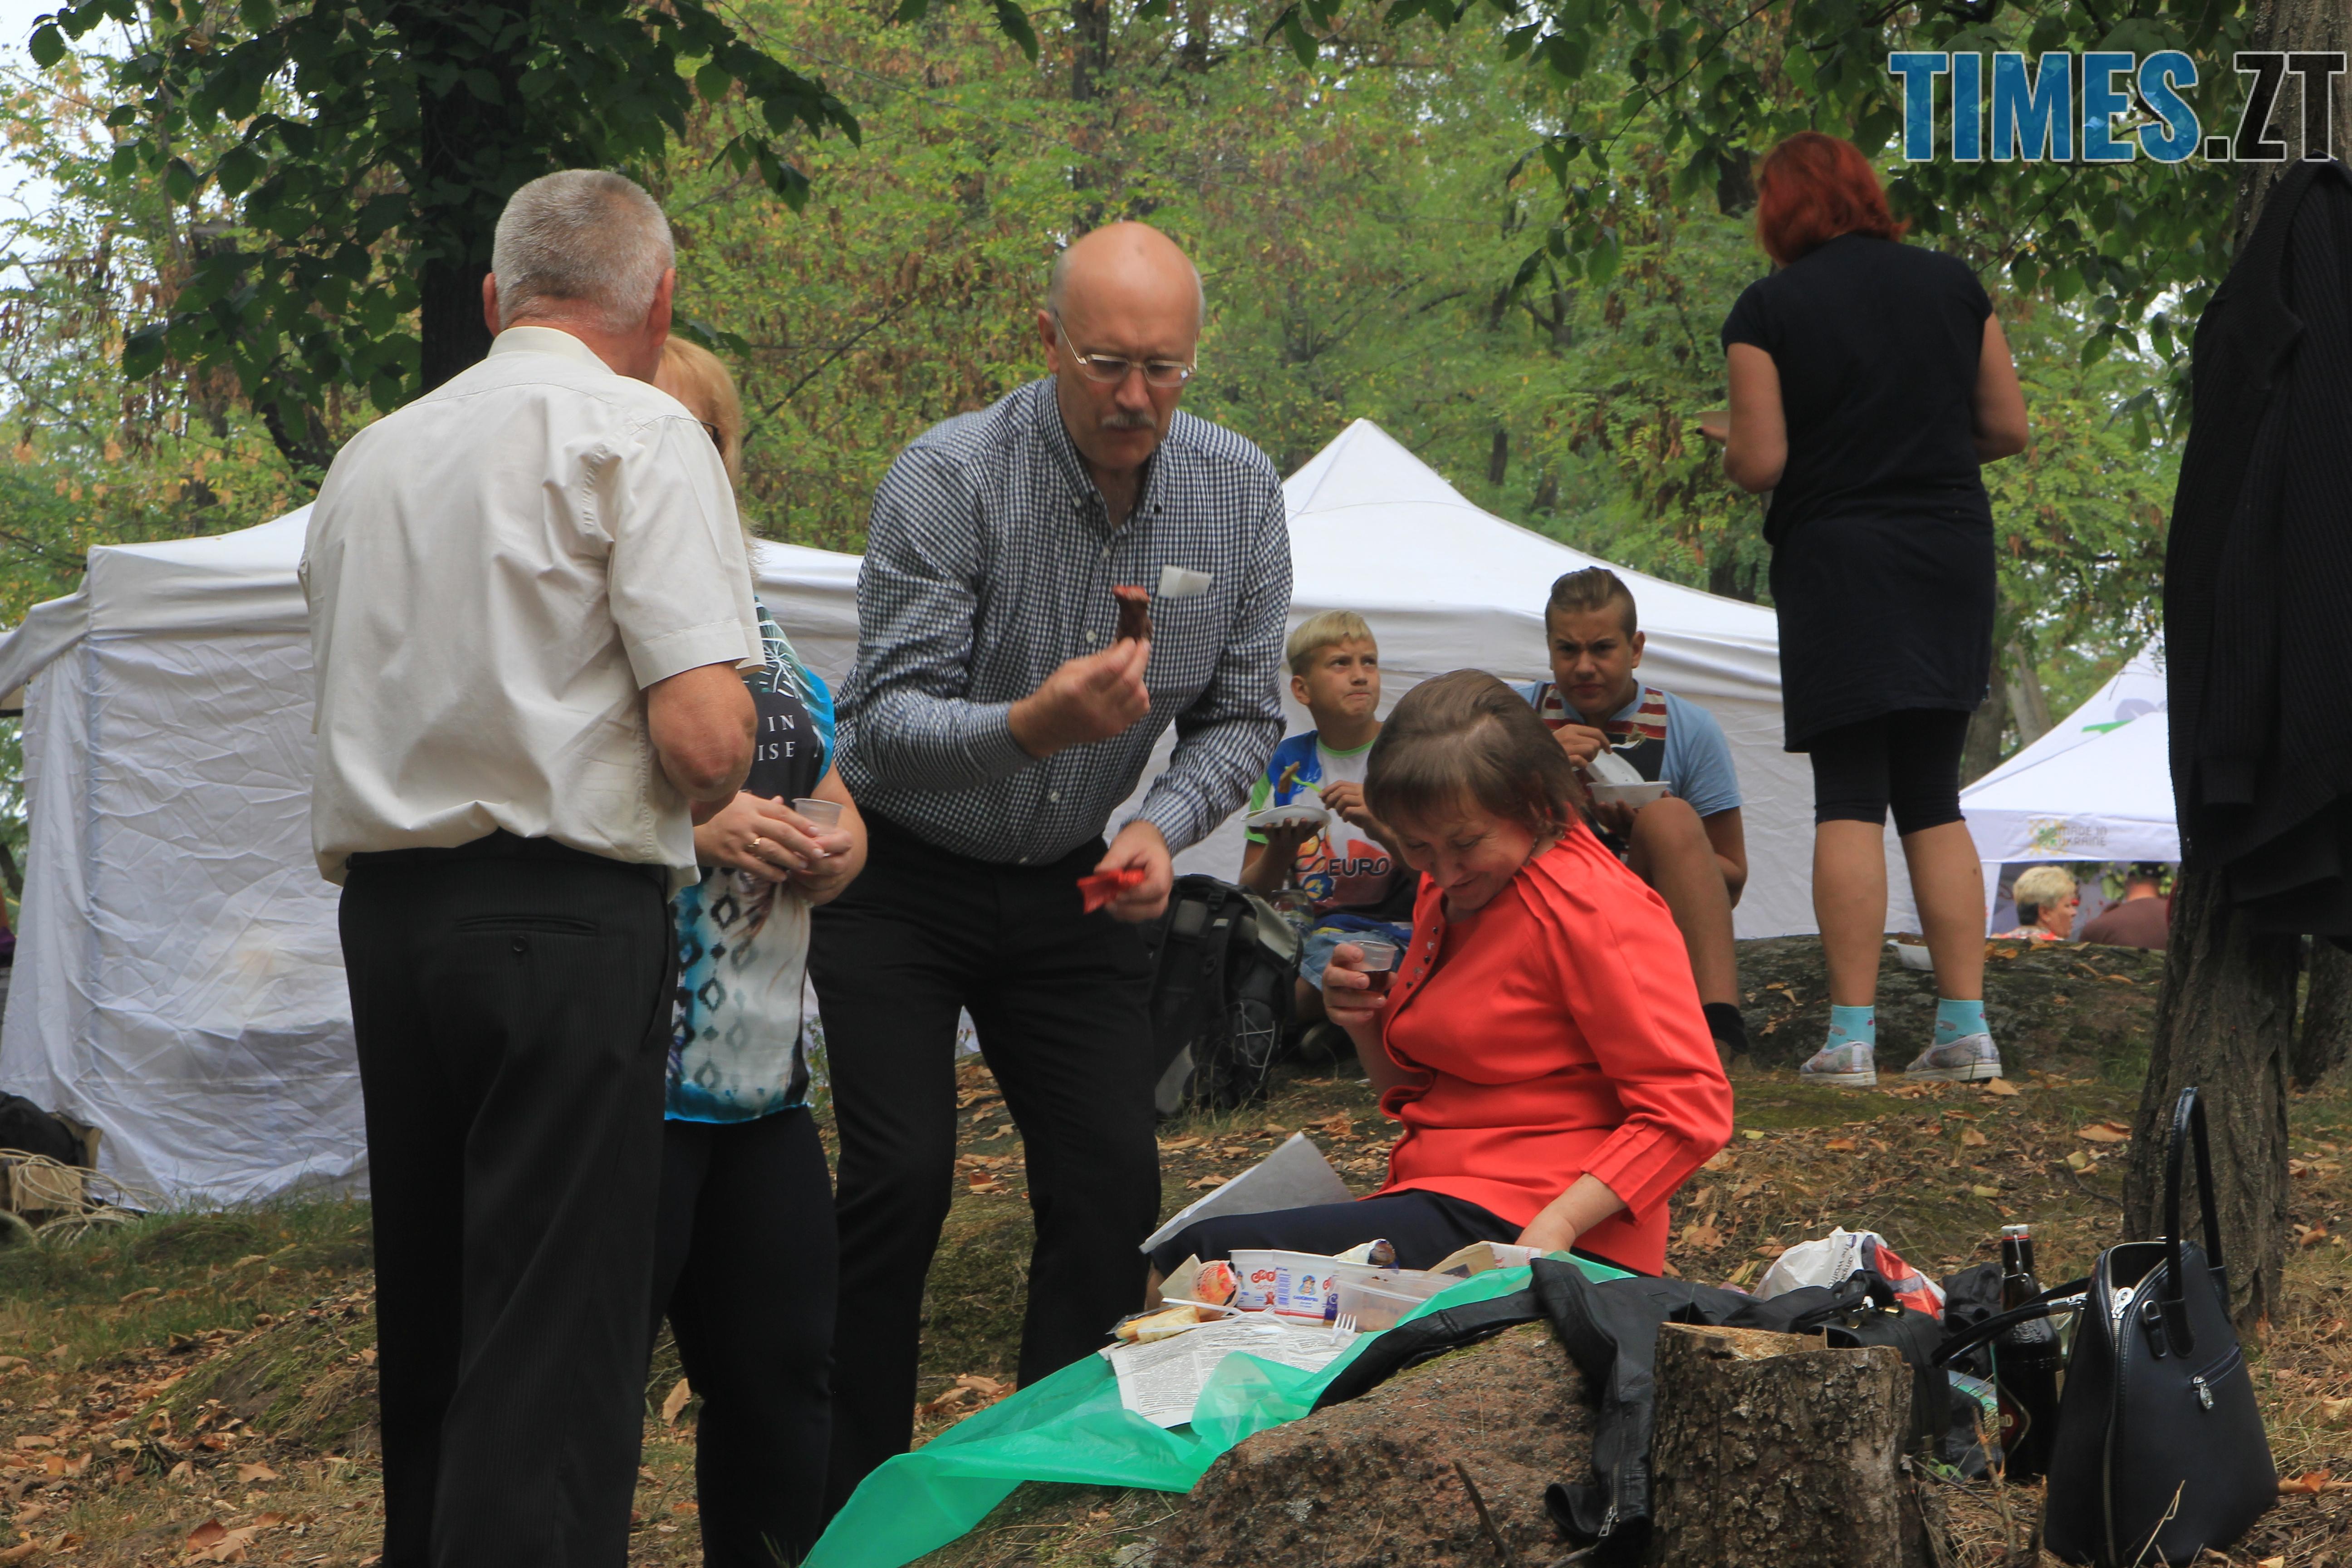 IMG 7635 - Десятий фестиваль дерунів: насмажили чимало, показали найбільшого в країні і побили ним всі рекорди (ФОТОРЕПОРТАЖ)